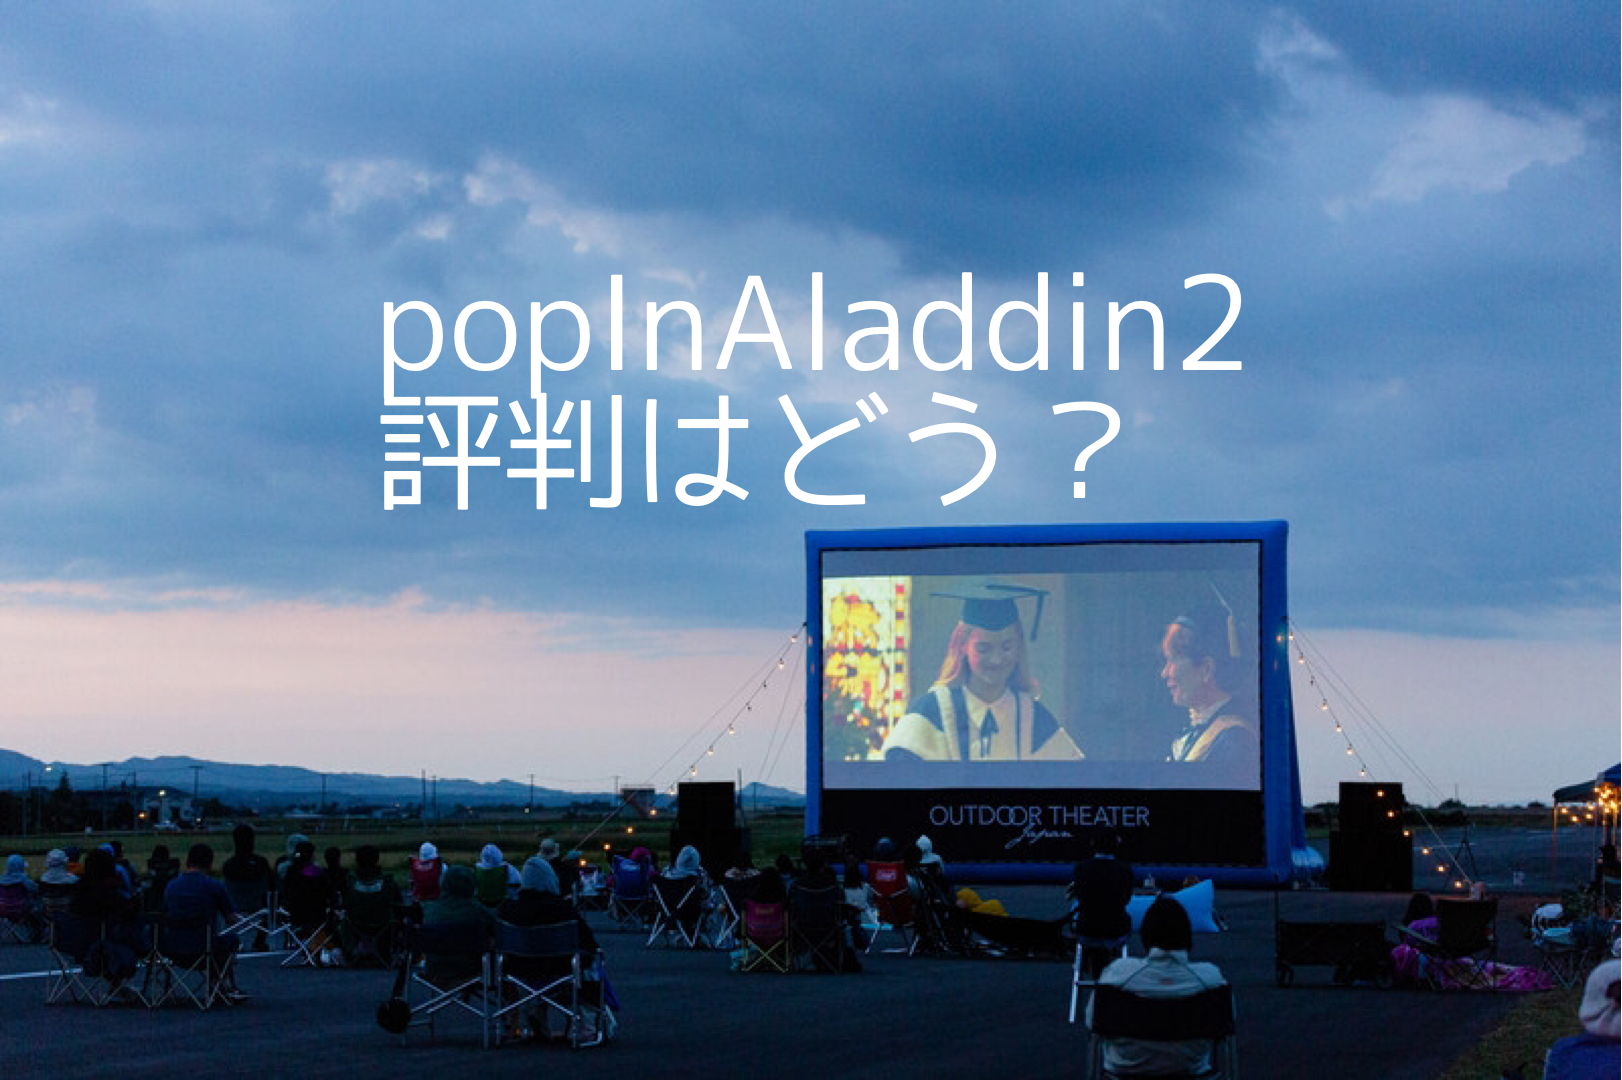 popIn Aladdin 2(ポップインアラジン2)プロジェクターの評判をまとめてみた